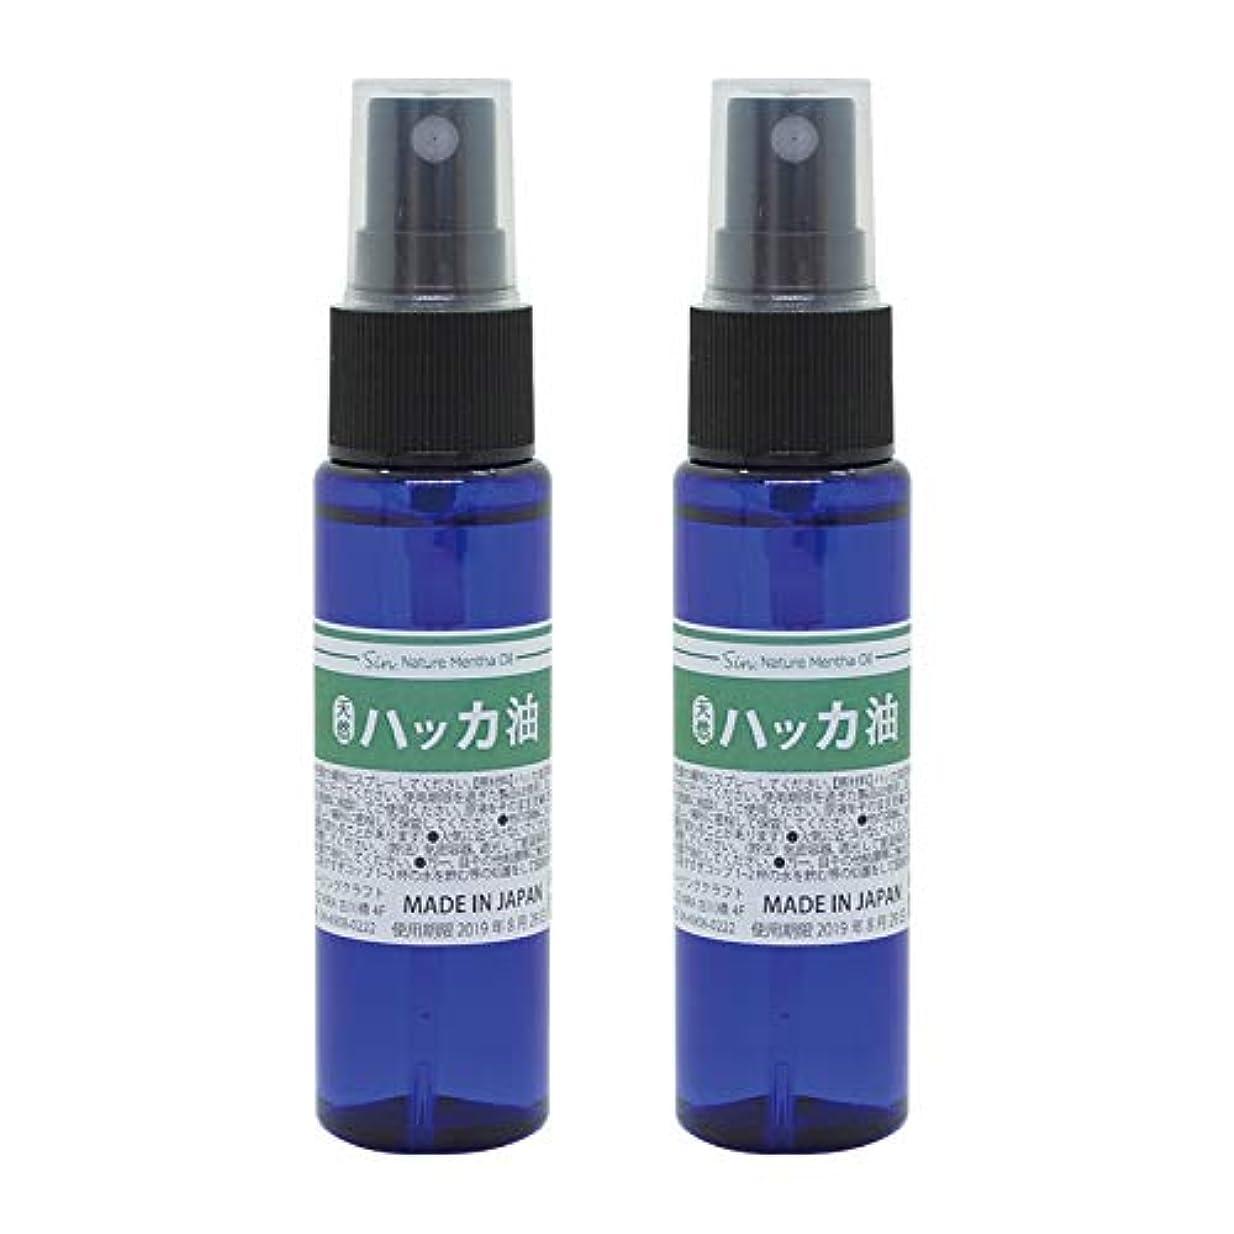 存在スクレーパーやりがいのある日本製 天然ハッカ油(ハッカオイル) スプレー 30mL×2本